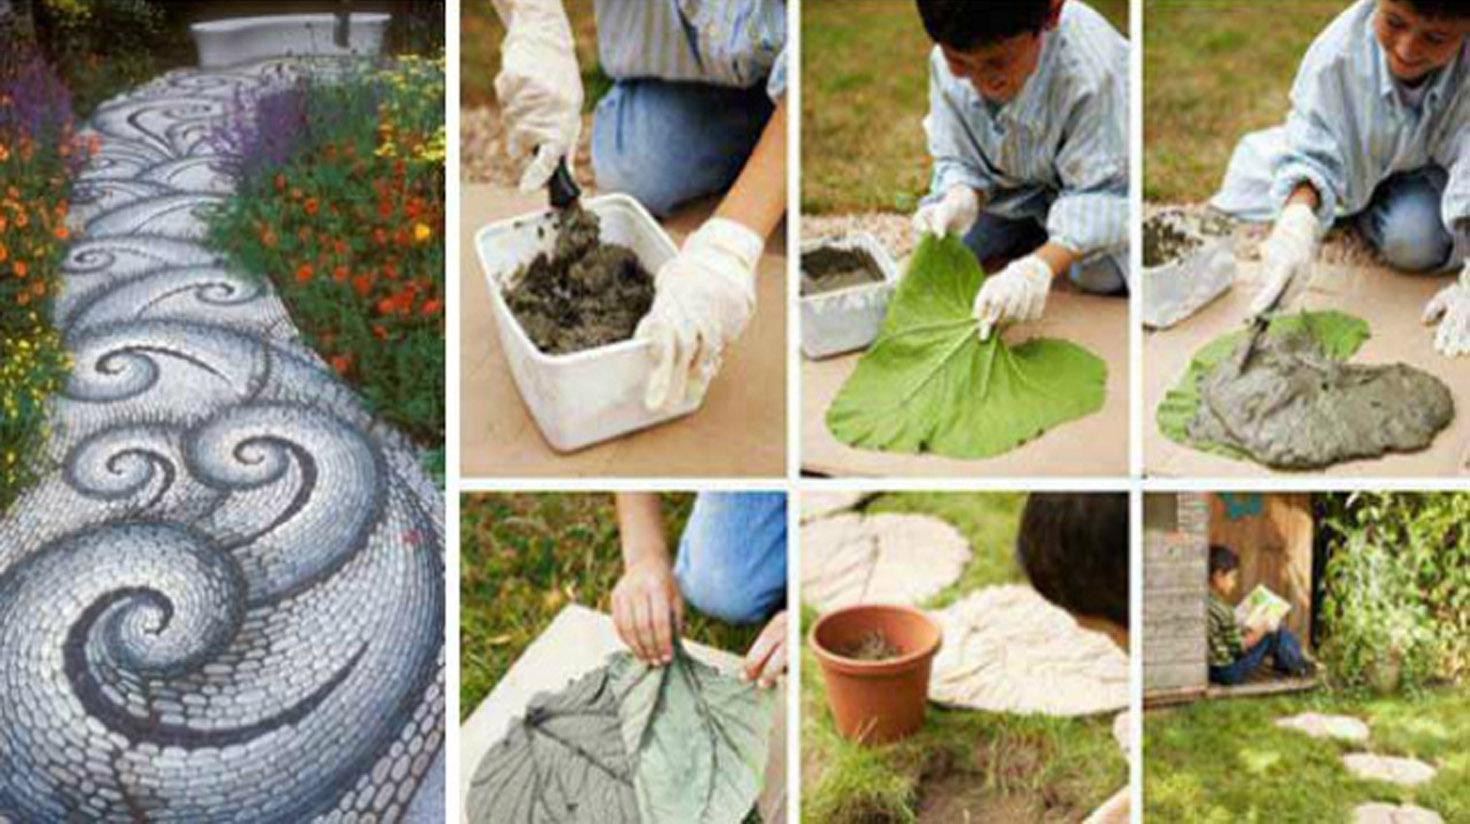 12 Idées Pour Aménager Vos Allées De Jardin ! | Diy Seloger avec Idée Allée De Jardin